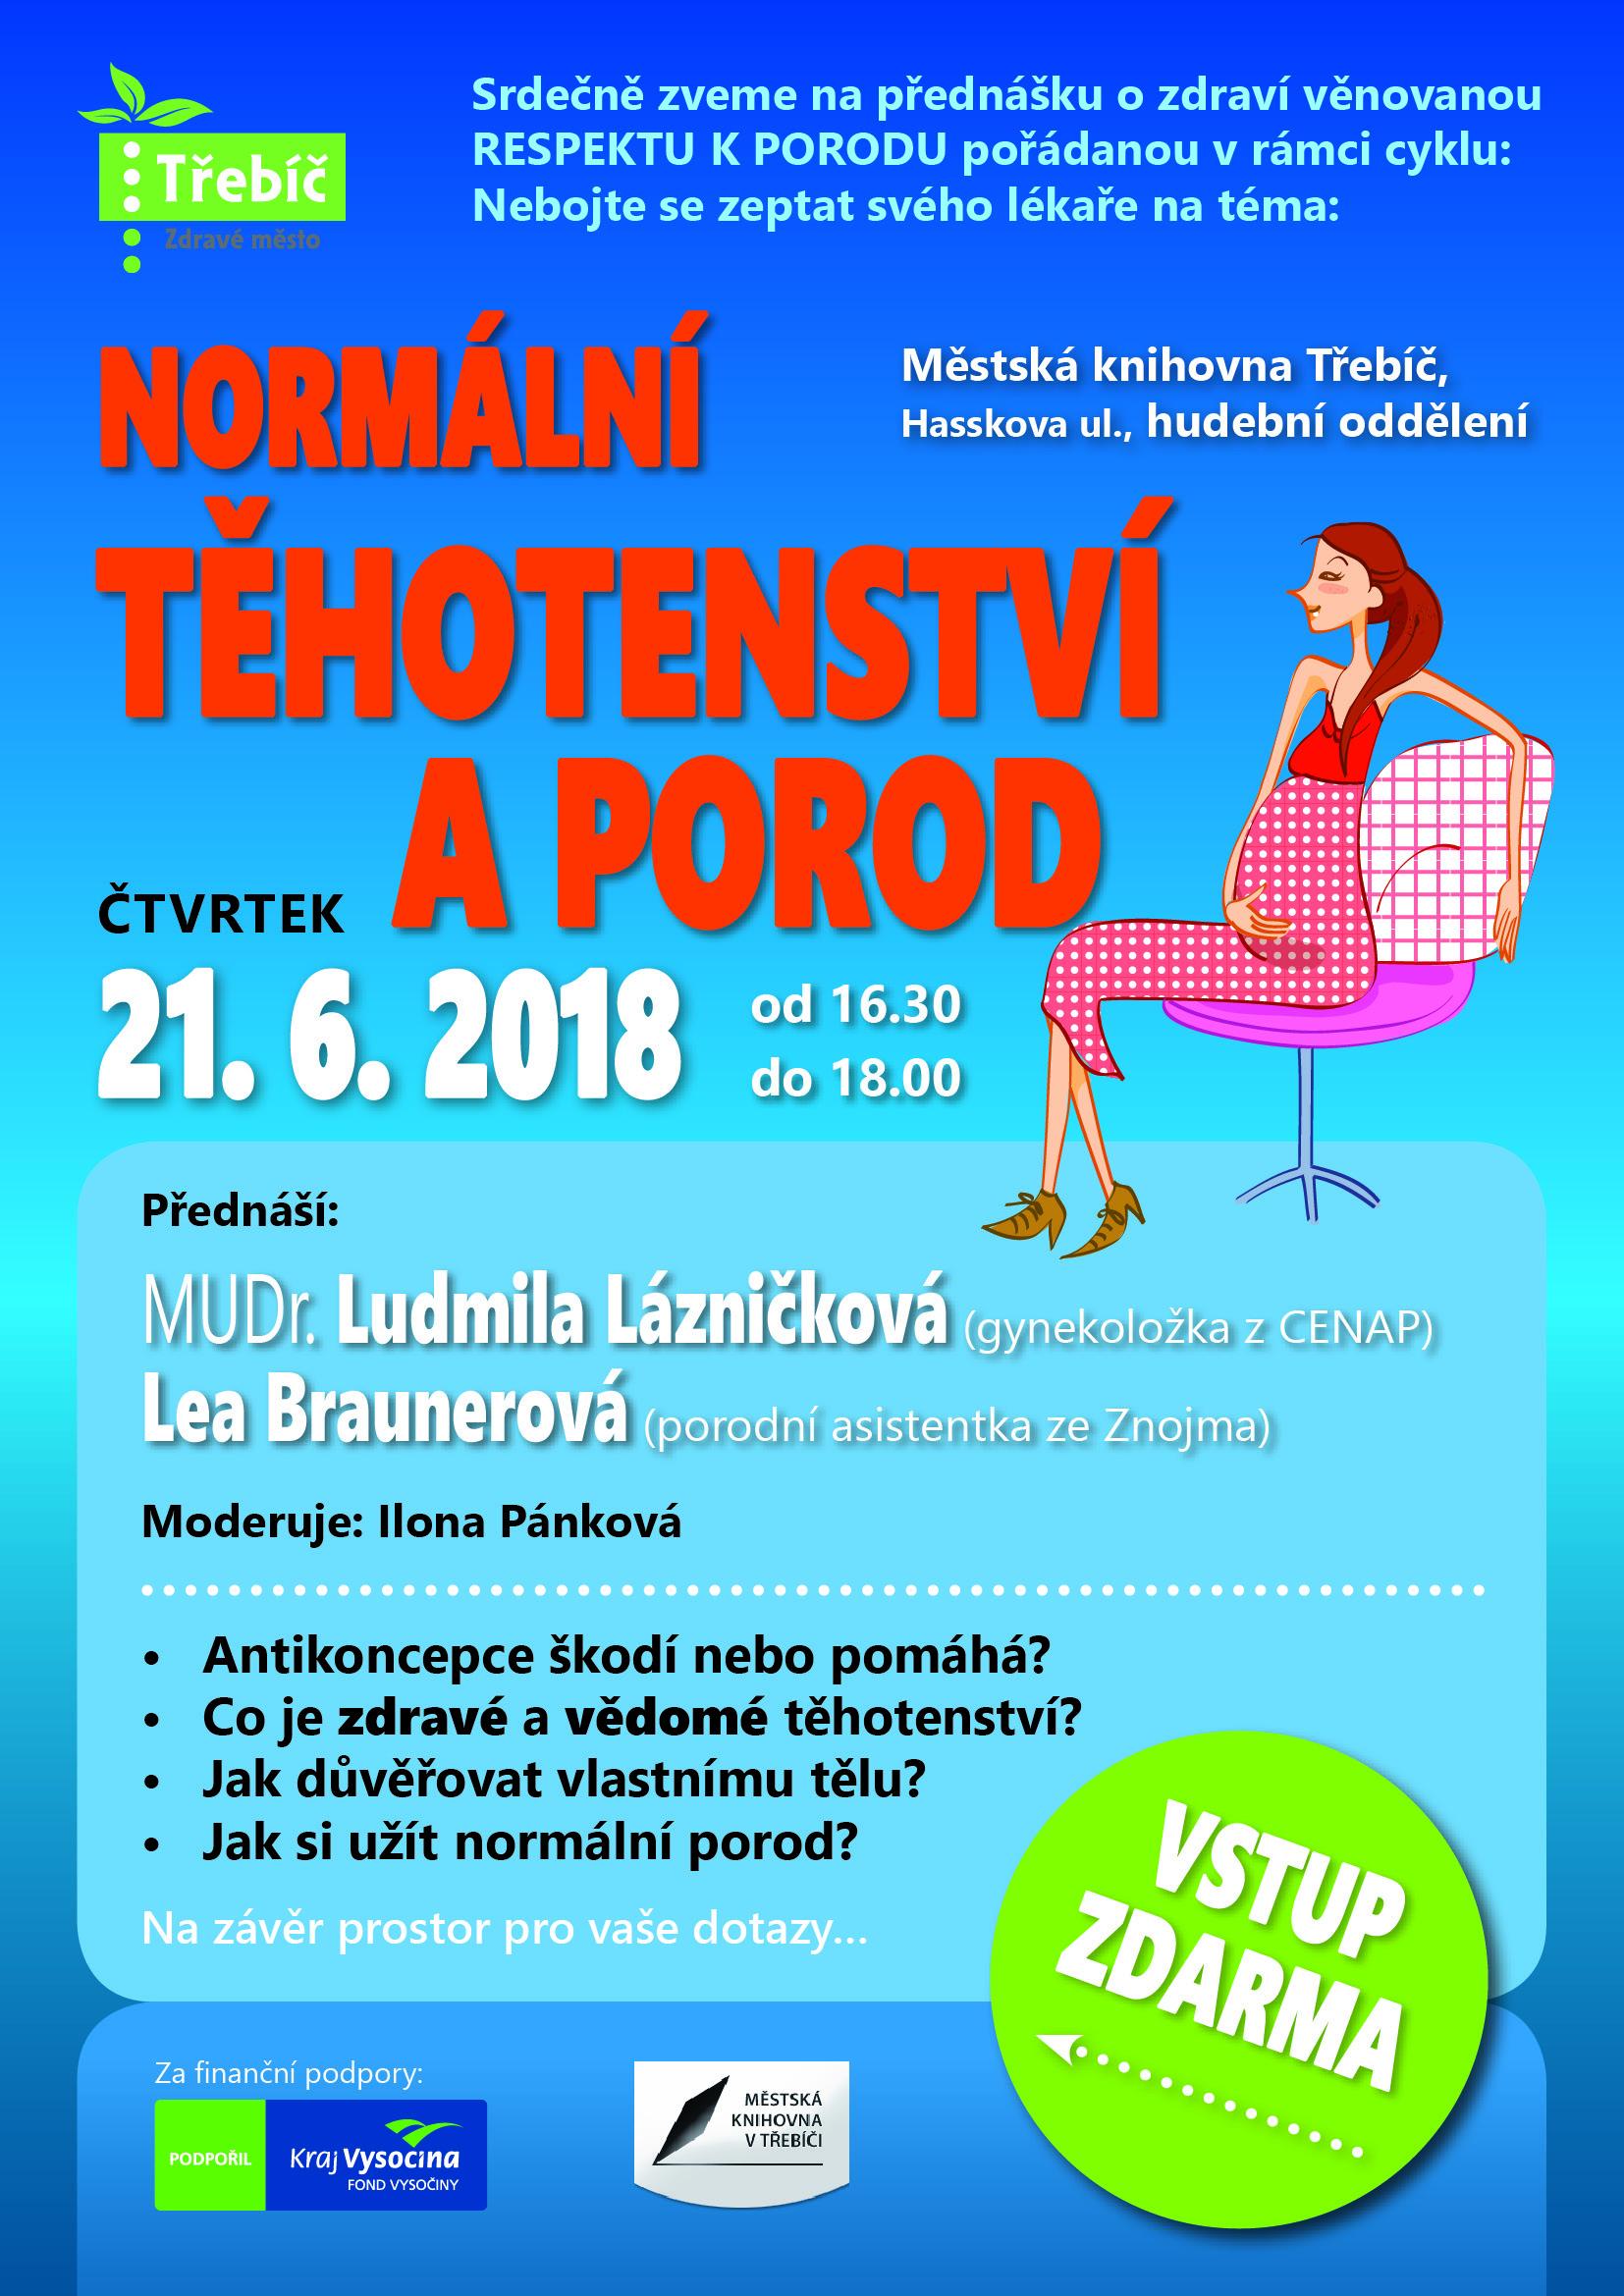 Nebojte se zeptat svého lékaře: Normální těhotenství a porod @ hudební oddělení MK | Třebíč | Kraj Vysočina | Česko